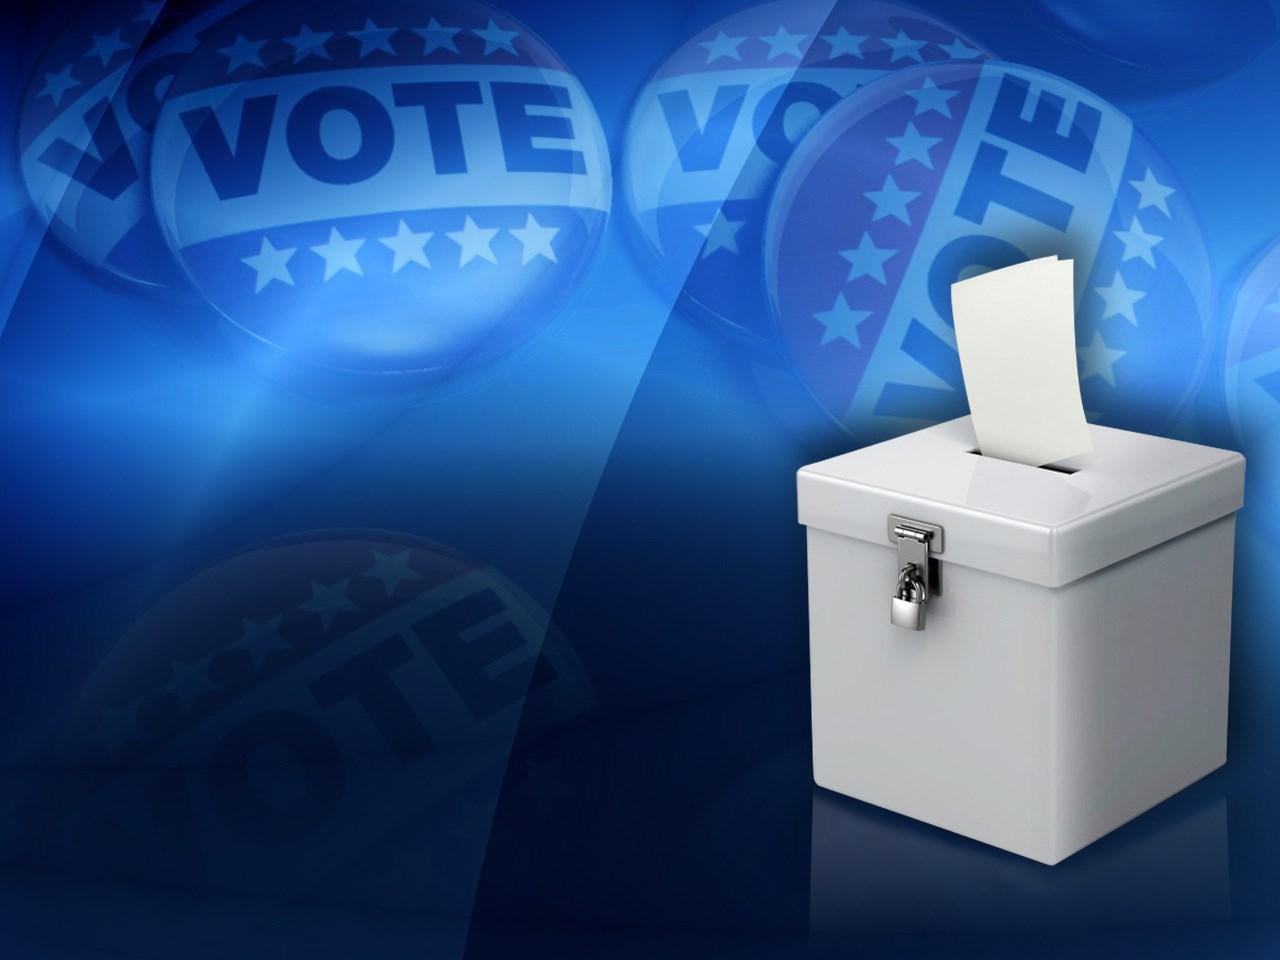 VOTE BALLOT_1539738571094.jpg.jpg